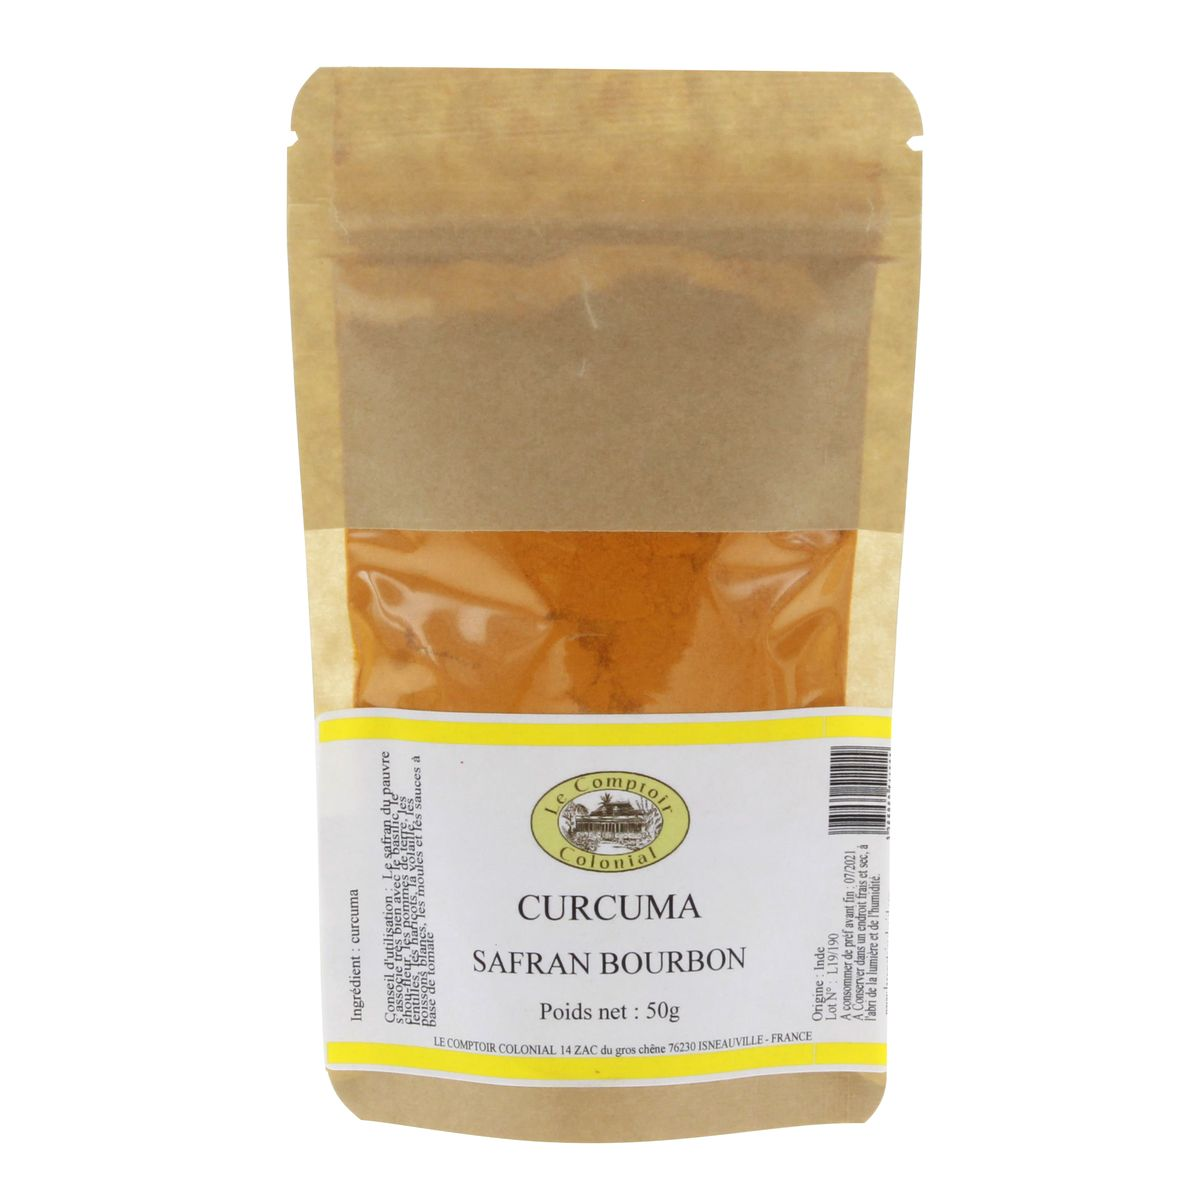 Curcuma en poudre  50gr - Le Comptoir Colonial